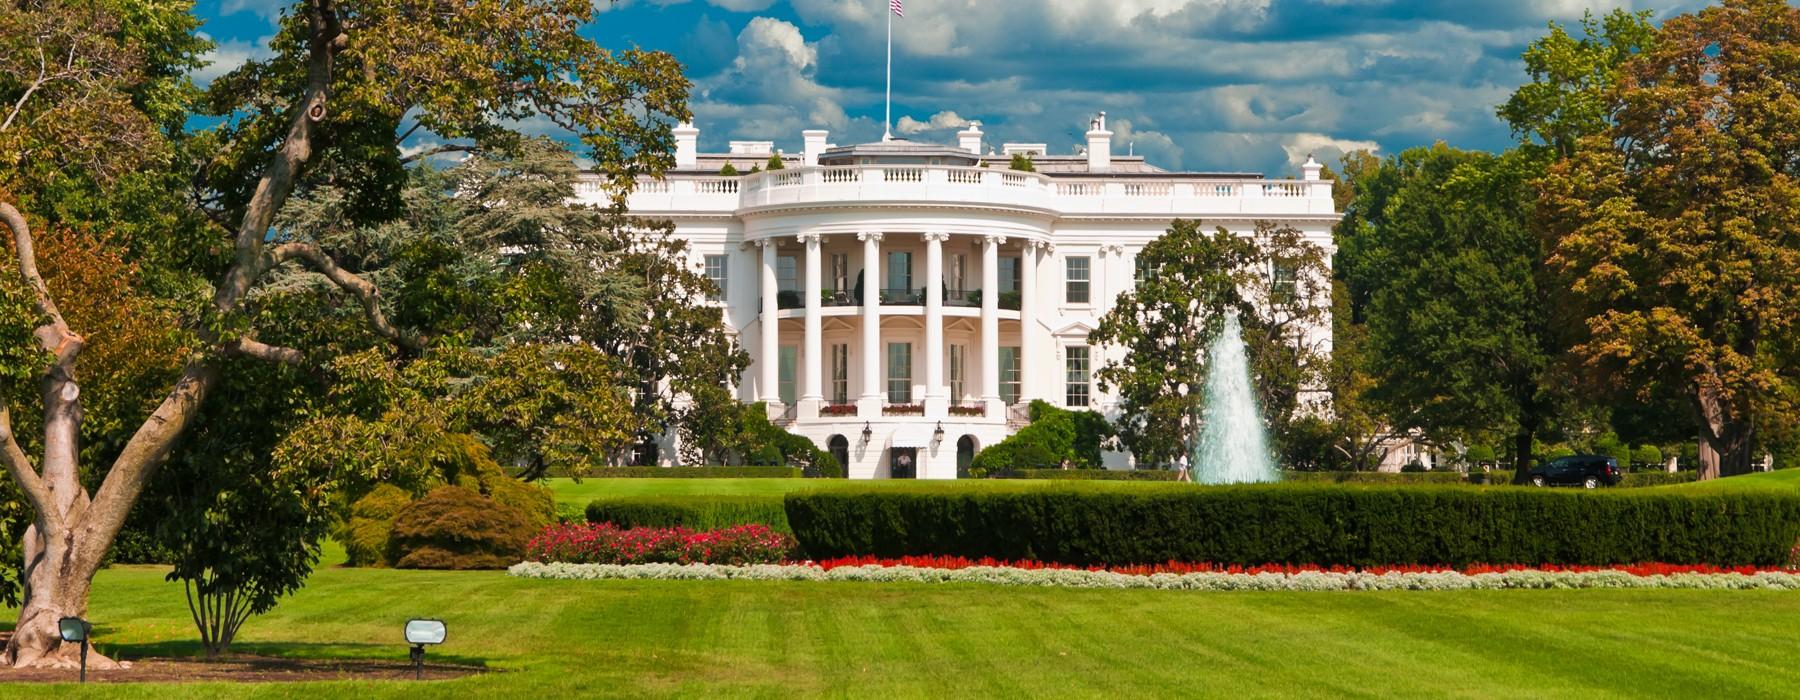 home_whitehouse_0.jpg